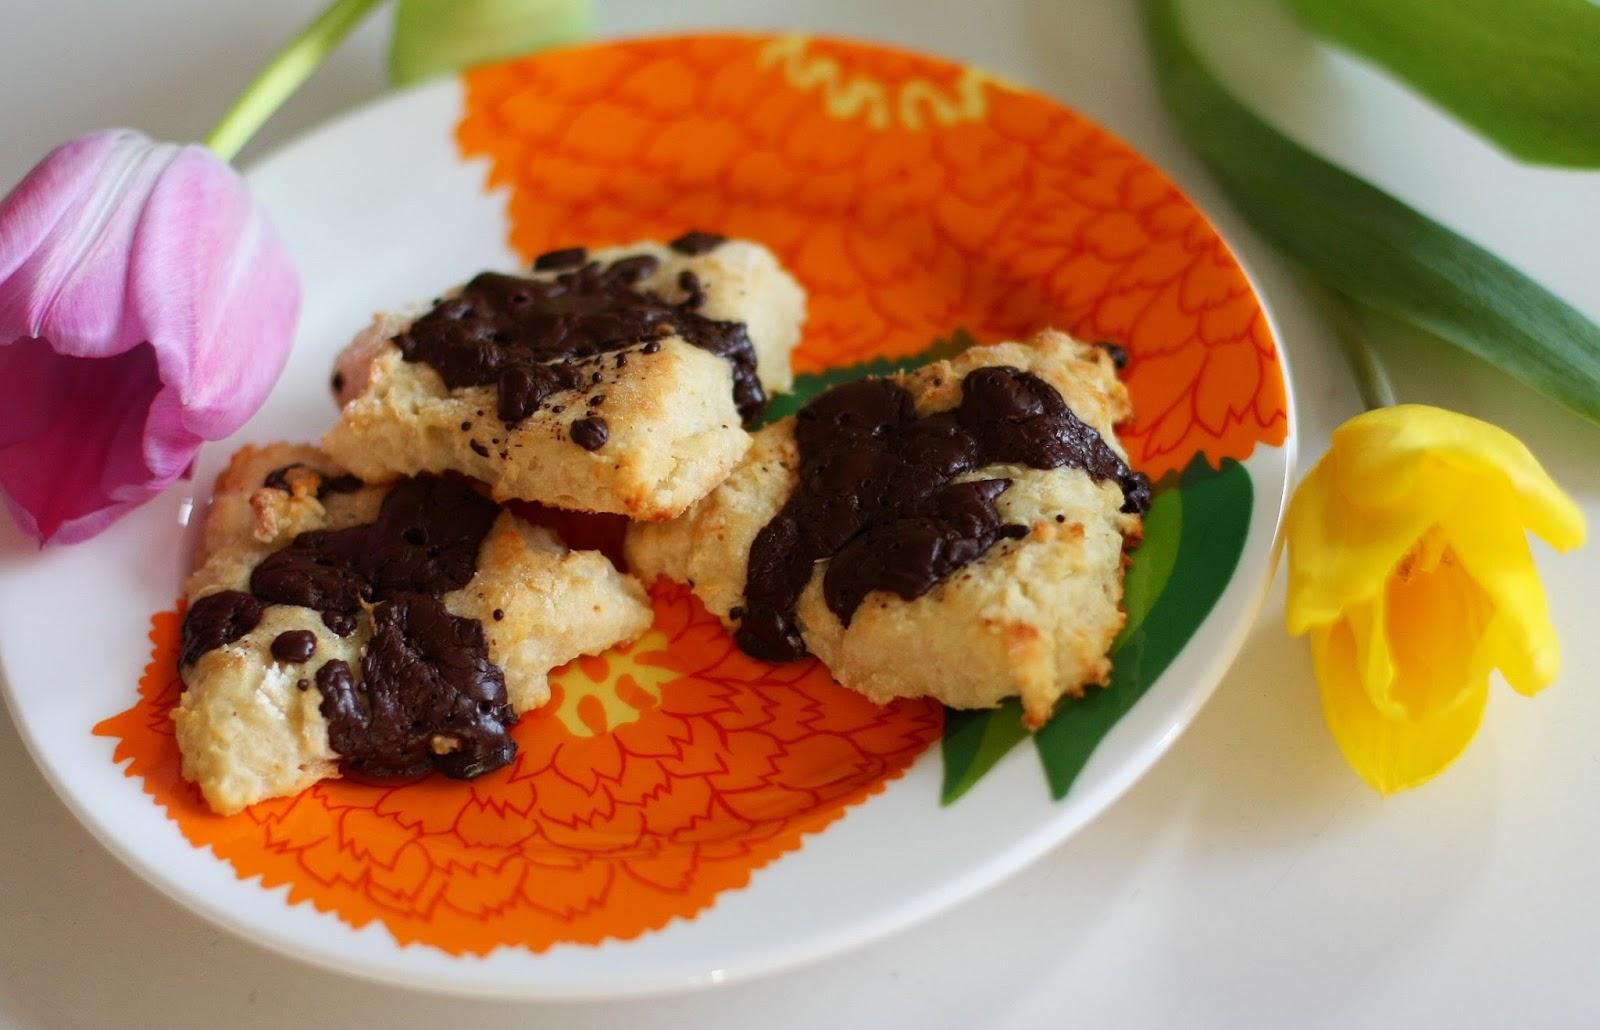 skonssit suklaaskonssit leivonta mallaspulla